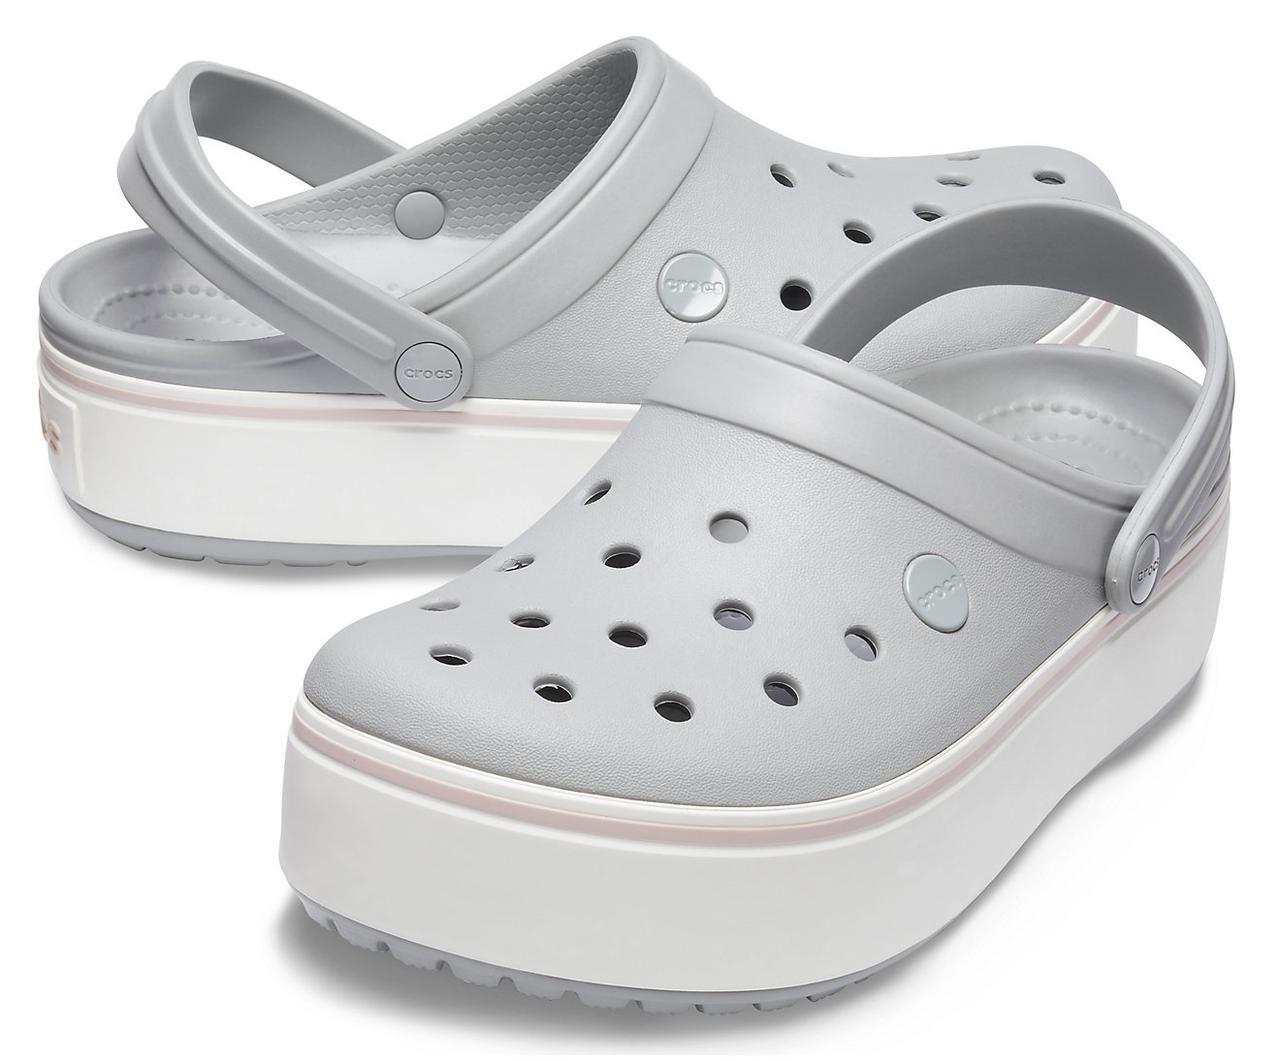 Кроксы летние Crocs Platform серые 37 разм.